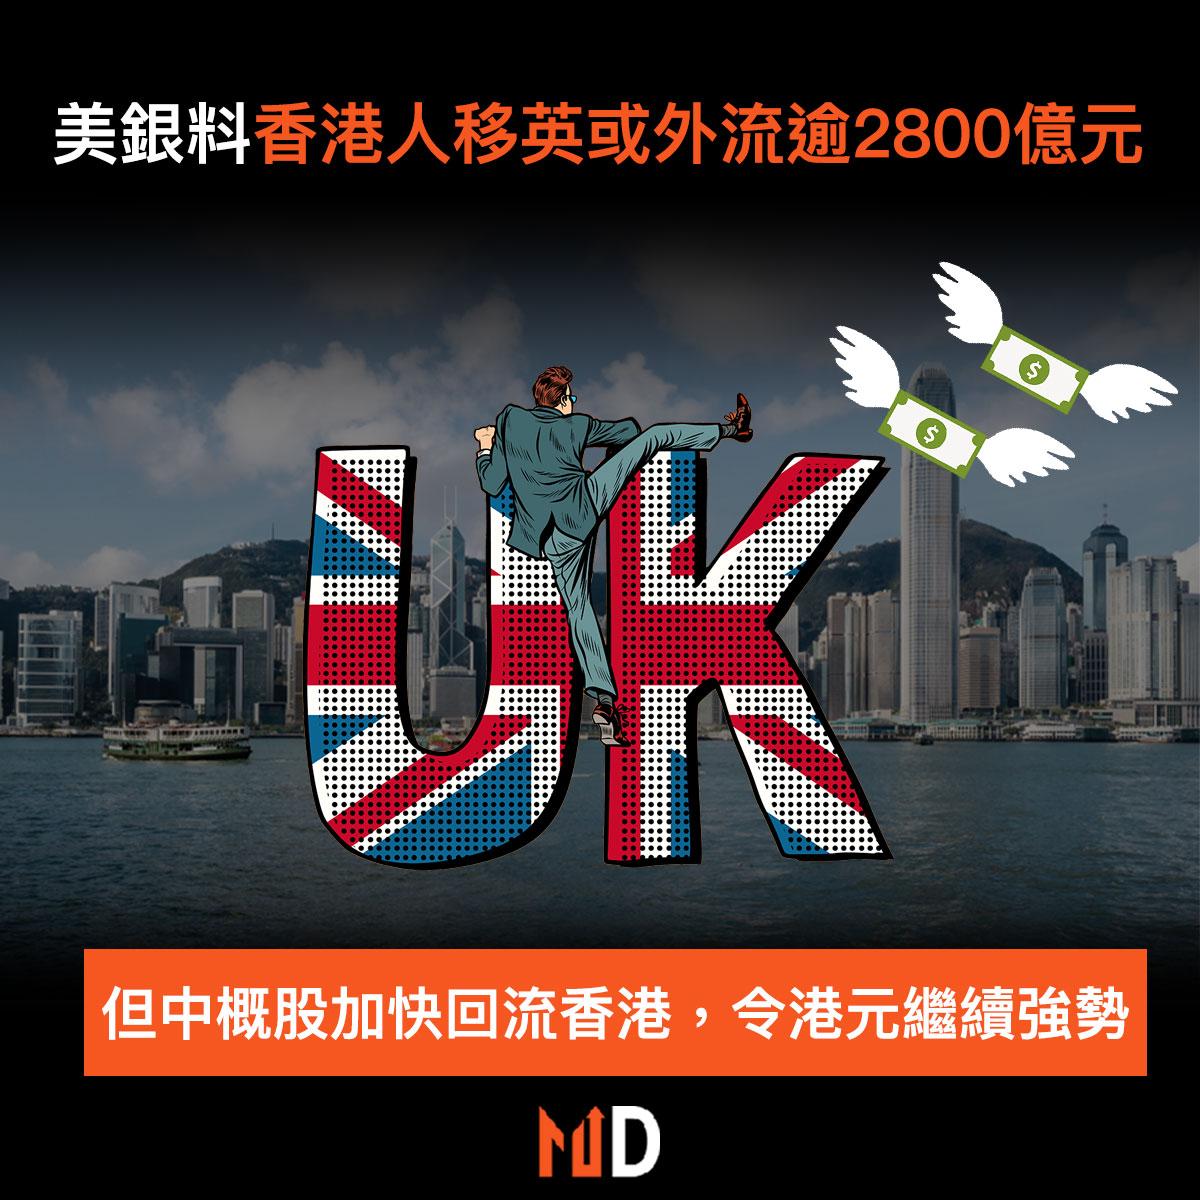 美銀料香港人移英或外流逾2800億元